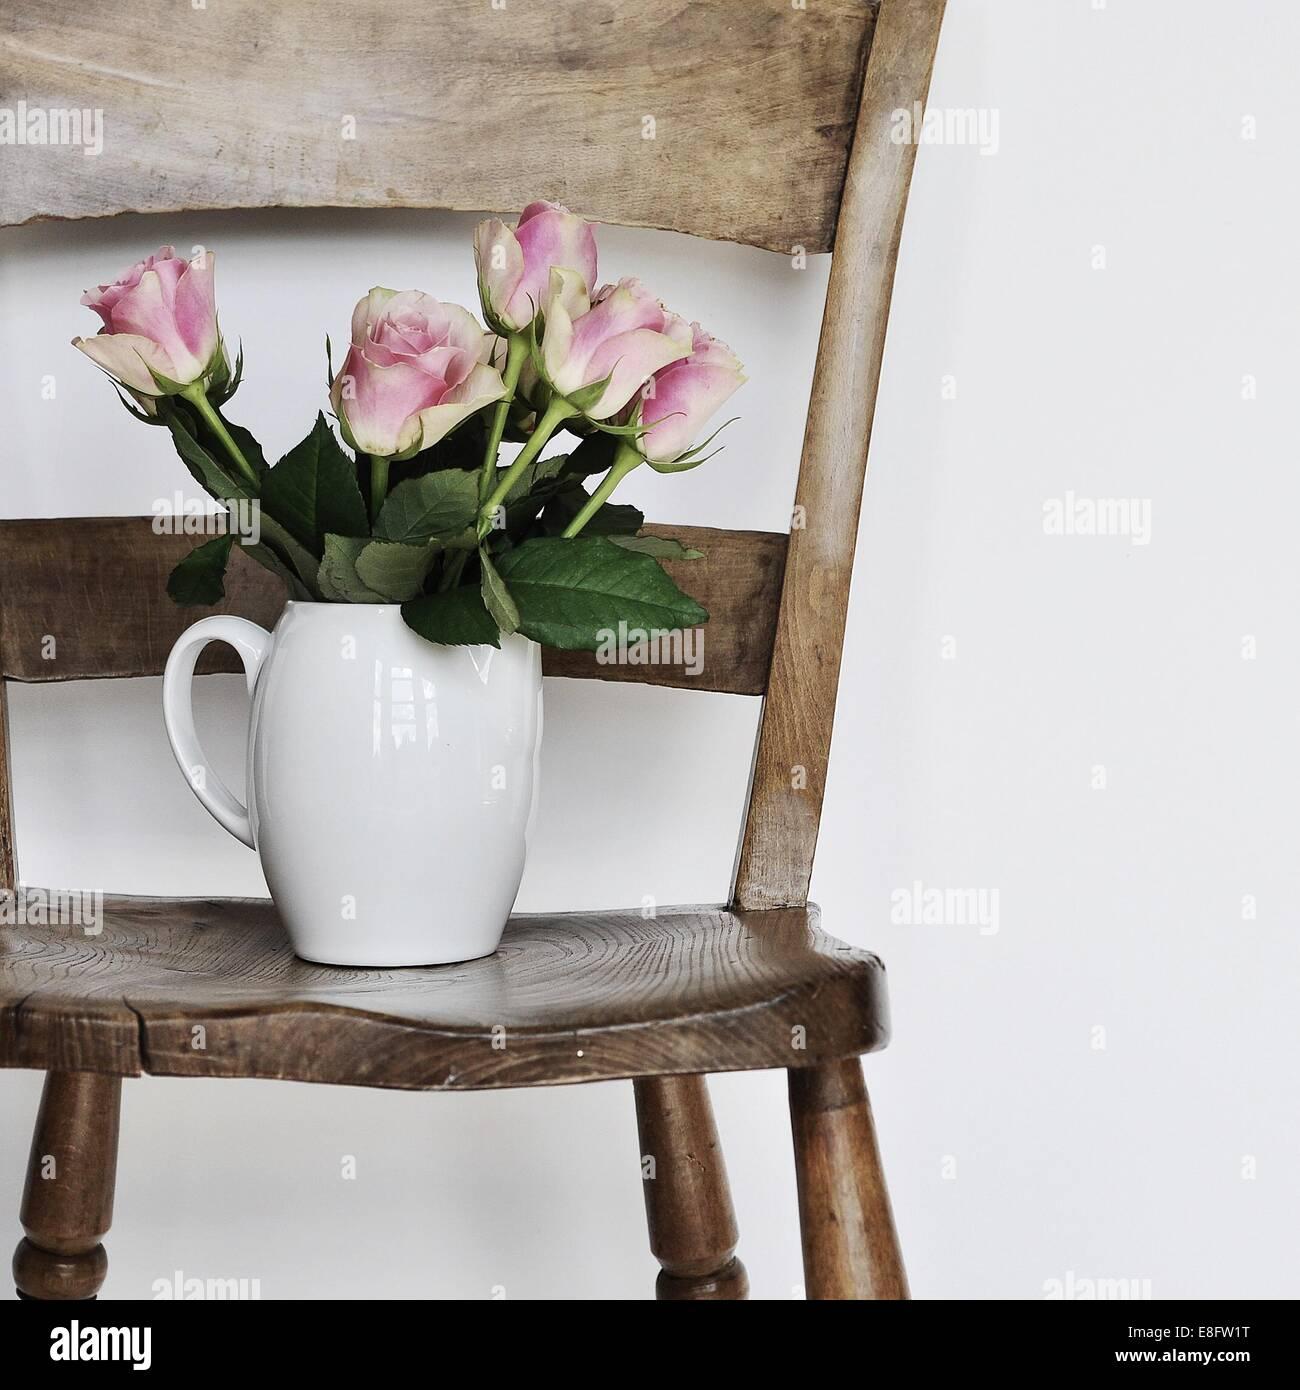 Vase de fleurs sur la chaise en bois Photo Stock